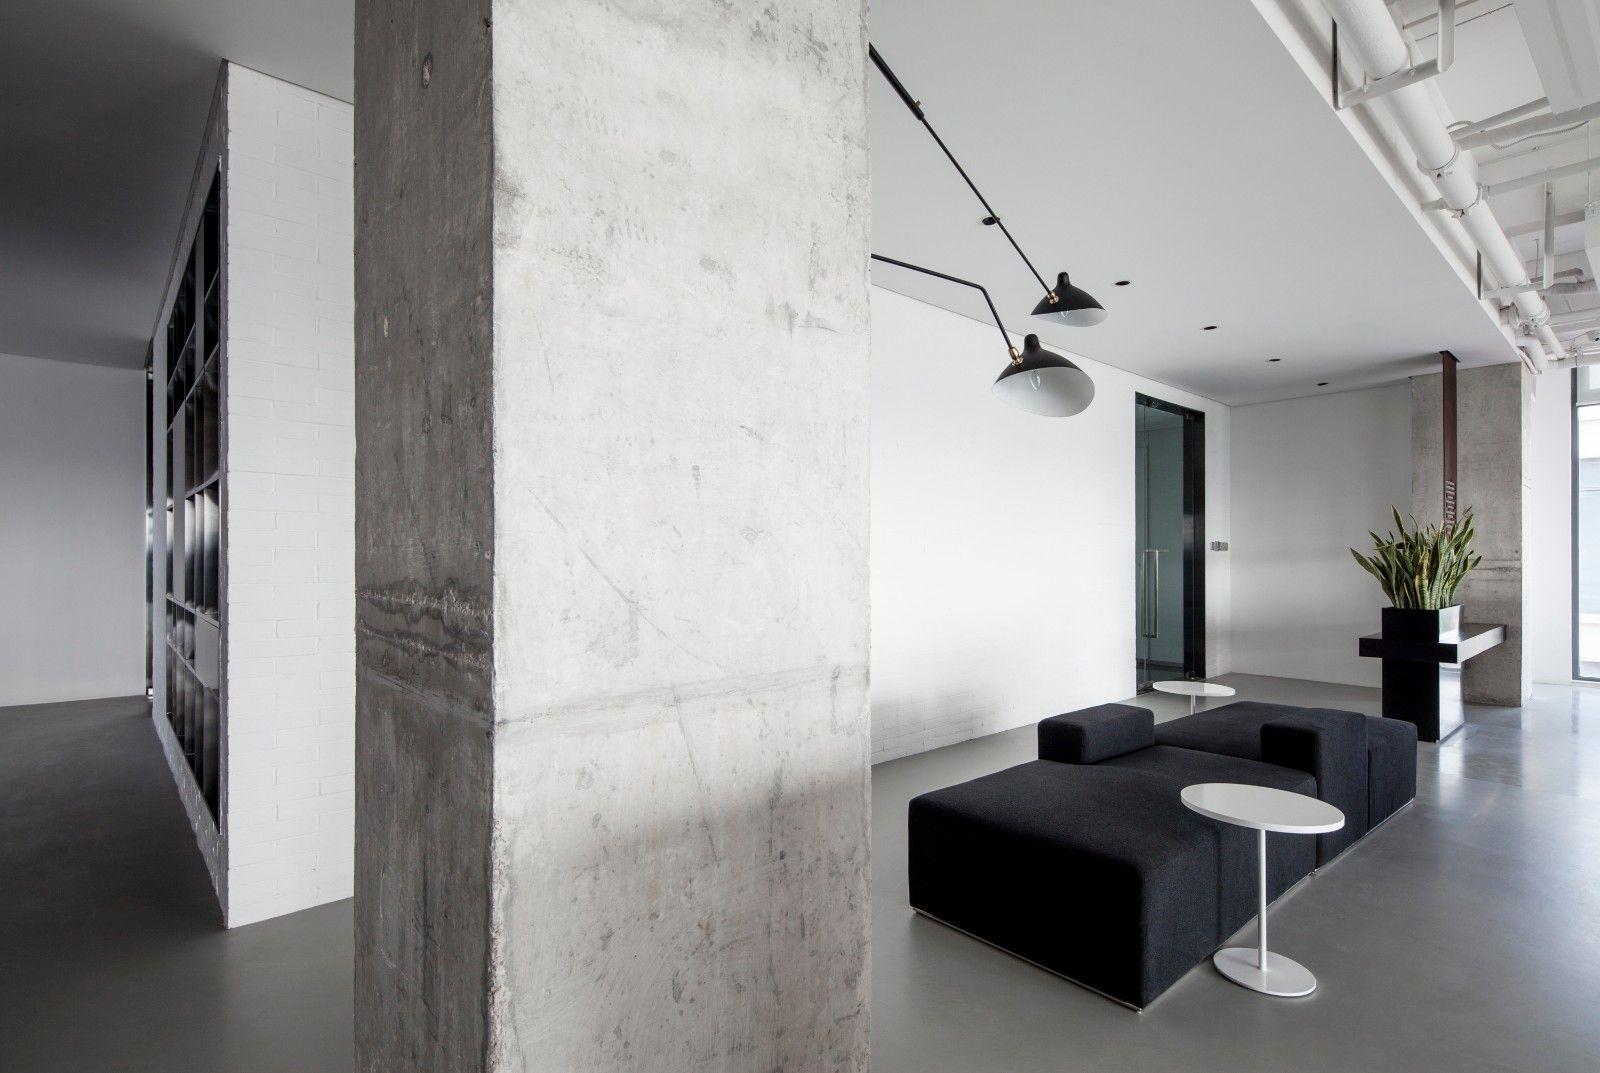 方磊作品 | 浦江边上的极简空间 ---壹舍设计办公室